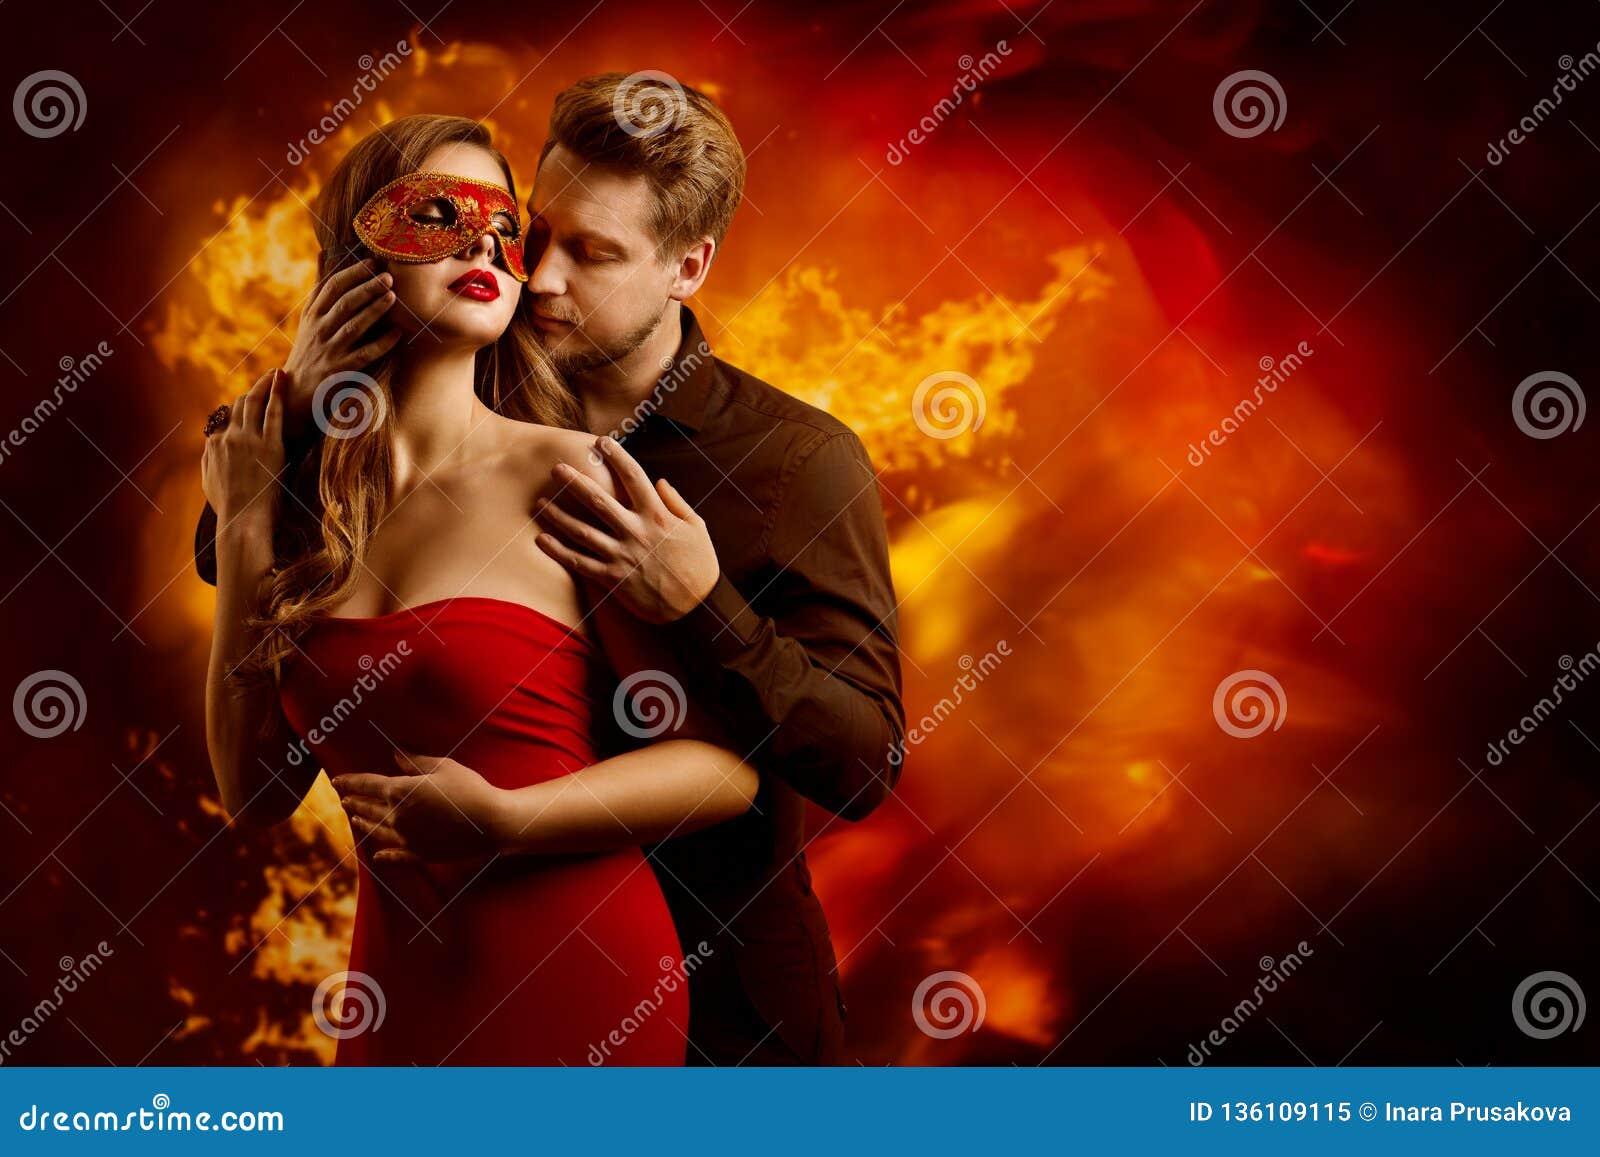 Paar Hete Vlammende Kus, Man in Liefde Kussende Vrouw in Fantasie Rood Sexy Masker